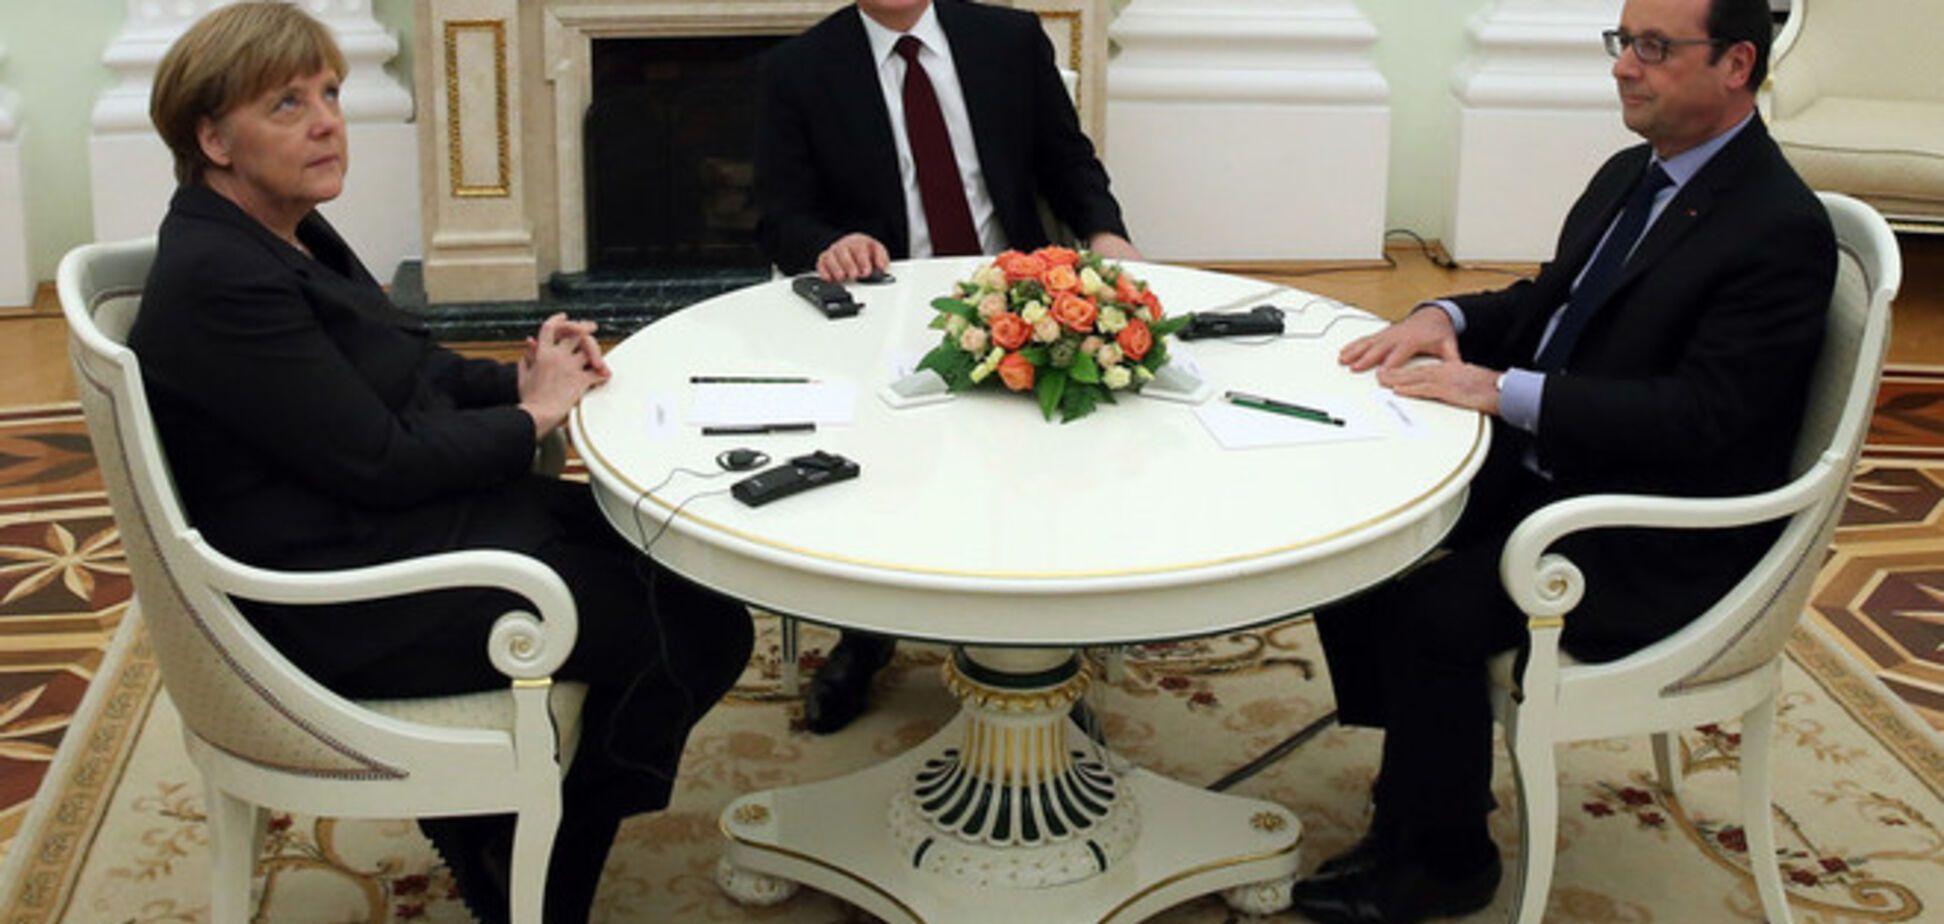 У Путина, Олланда и Меркель прокомментировали переговоры в Кремле по Украине. Опубликованы фото и видео со встречи